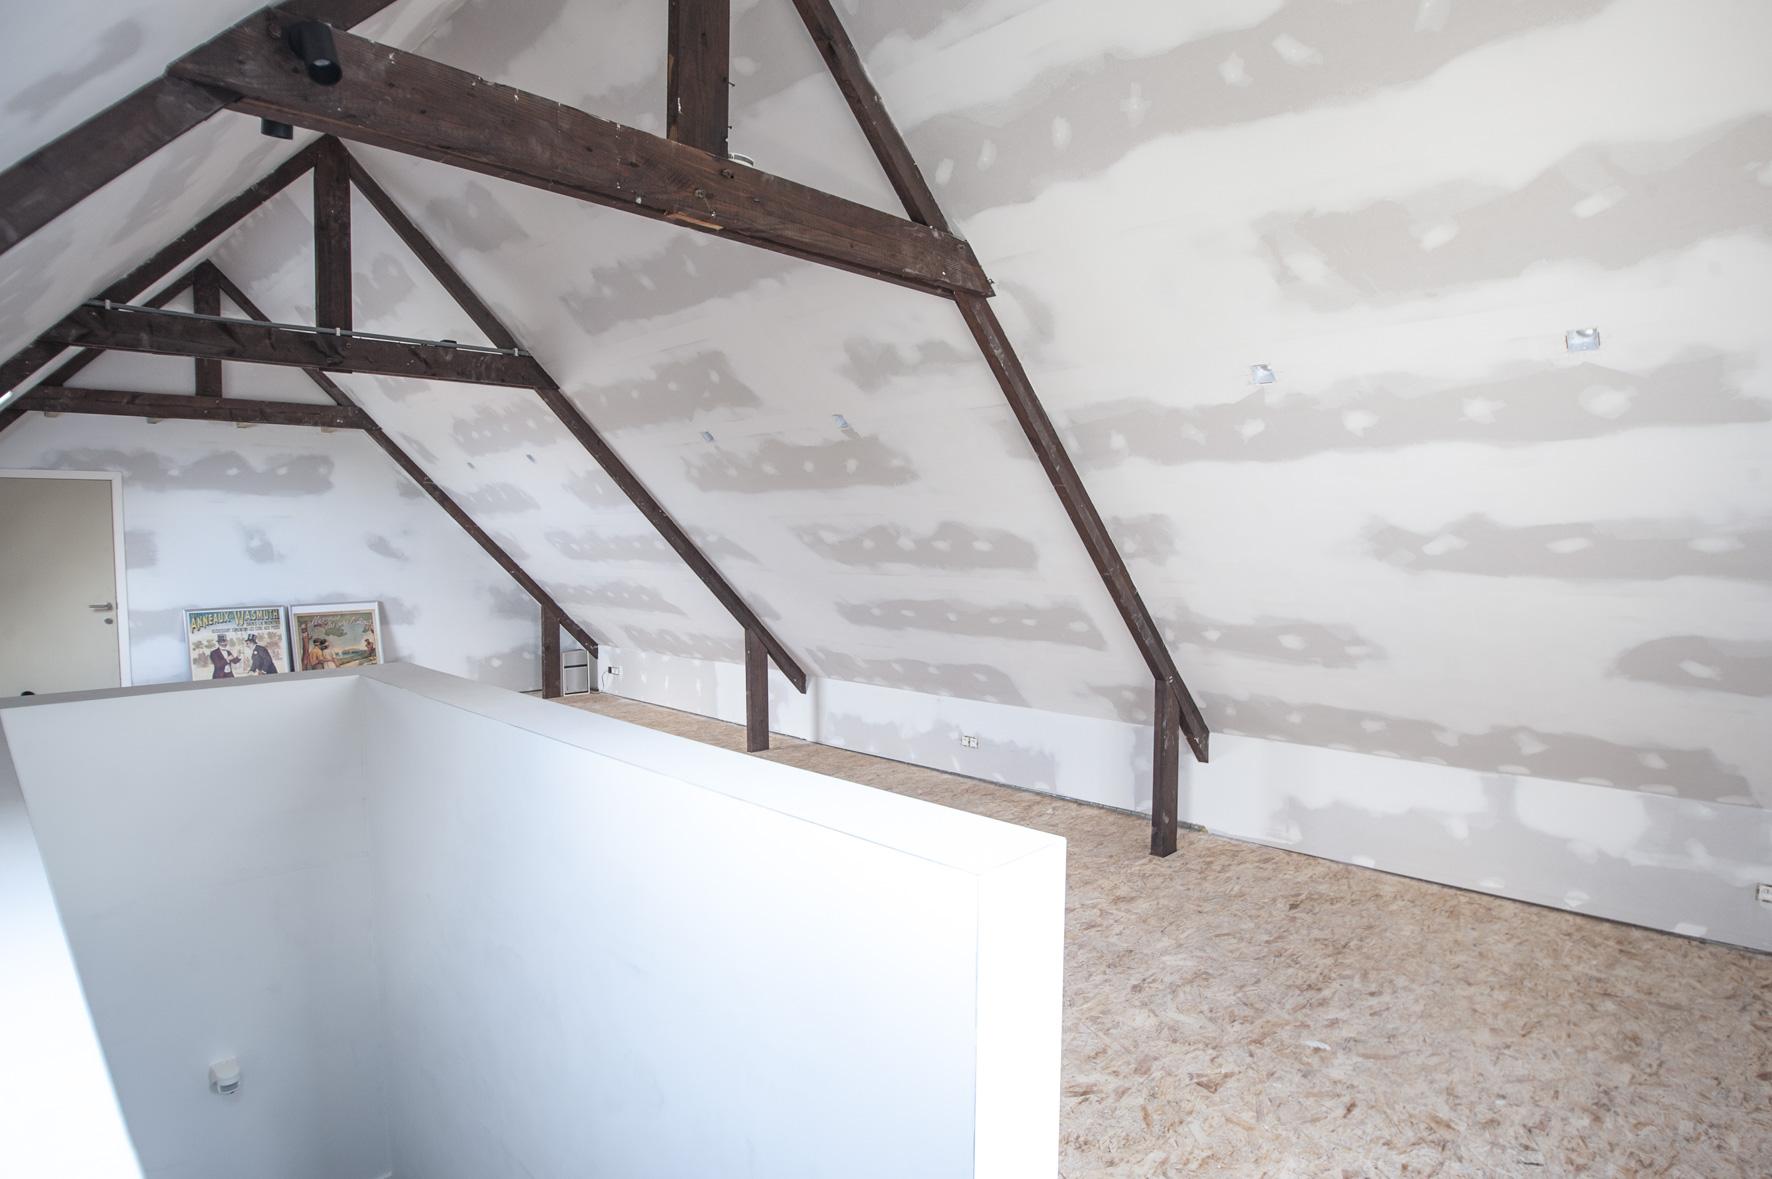 Zolderrenovaties-West Vlaanderen- pleisterwerken